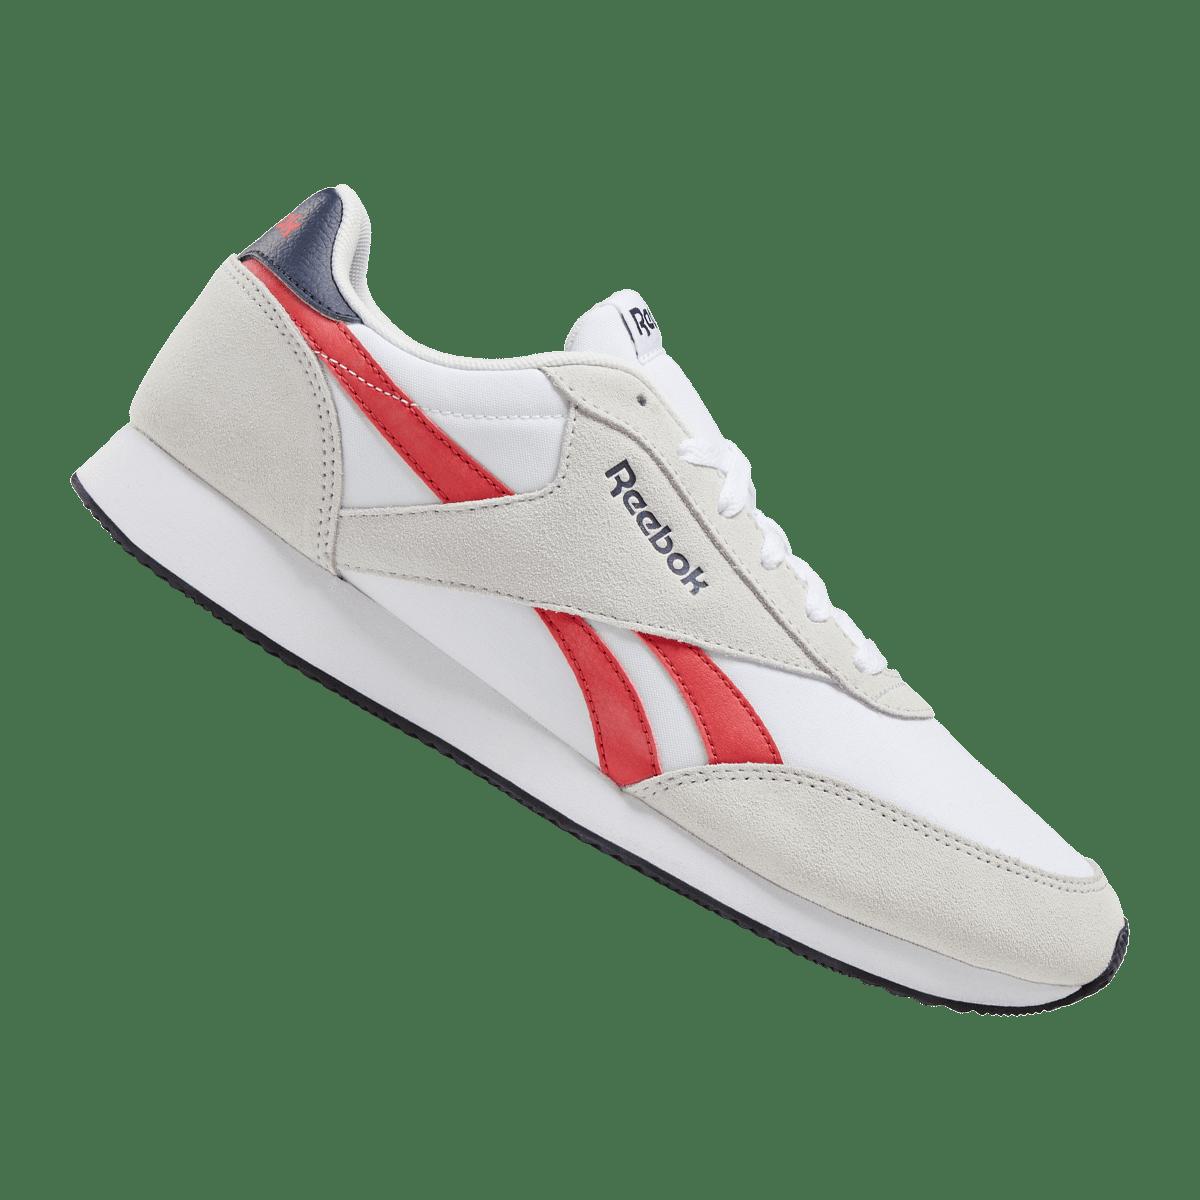 Reebok schoenen Royal Jogger II witrood Voetbal shop